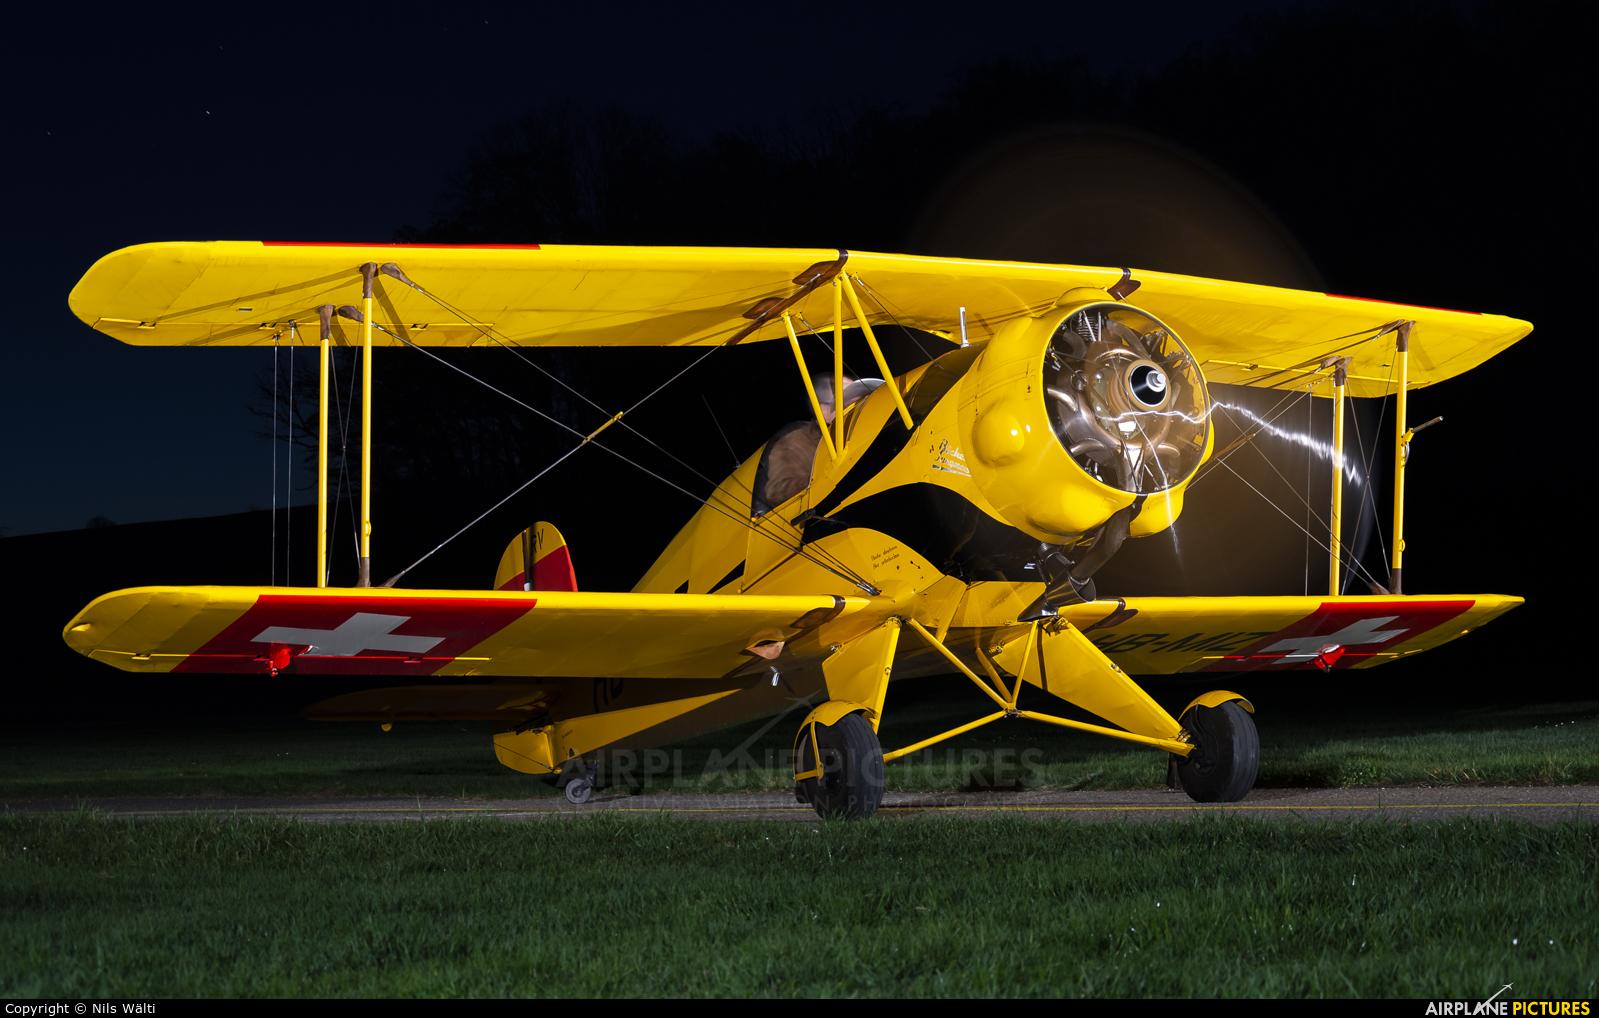 Private HB-MIZ aircraft at Bleienbach Langenthal